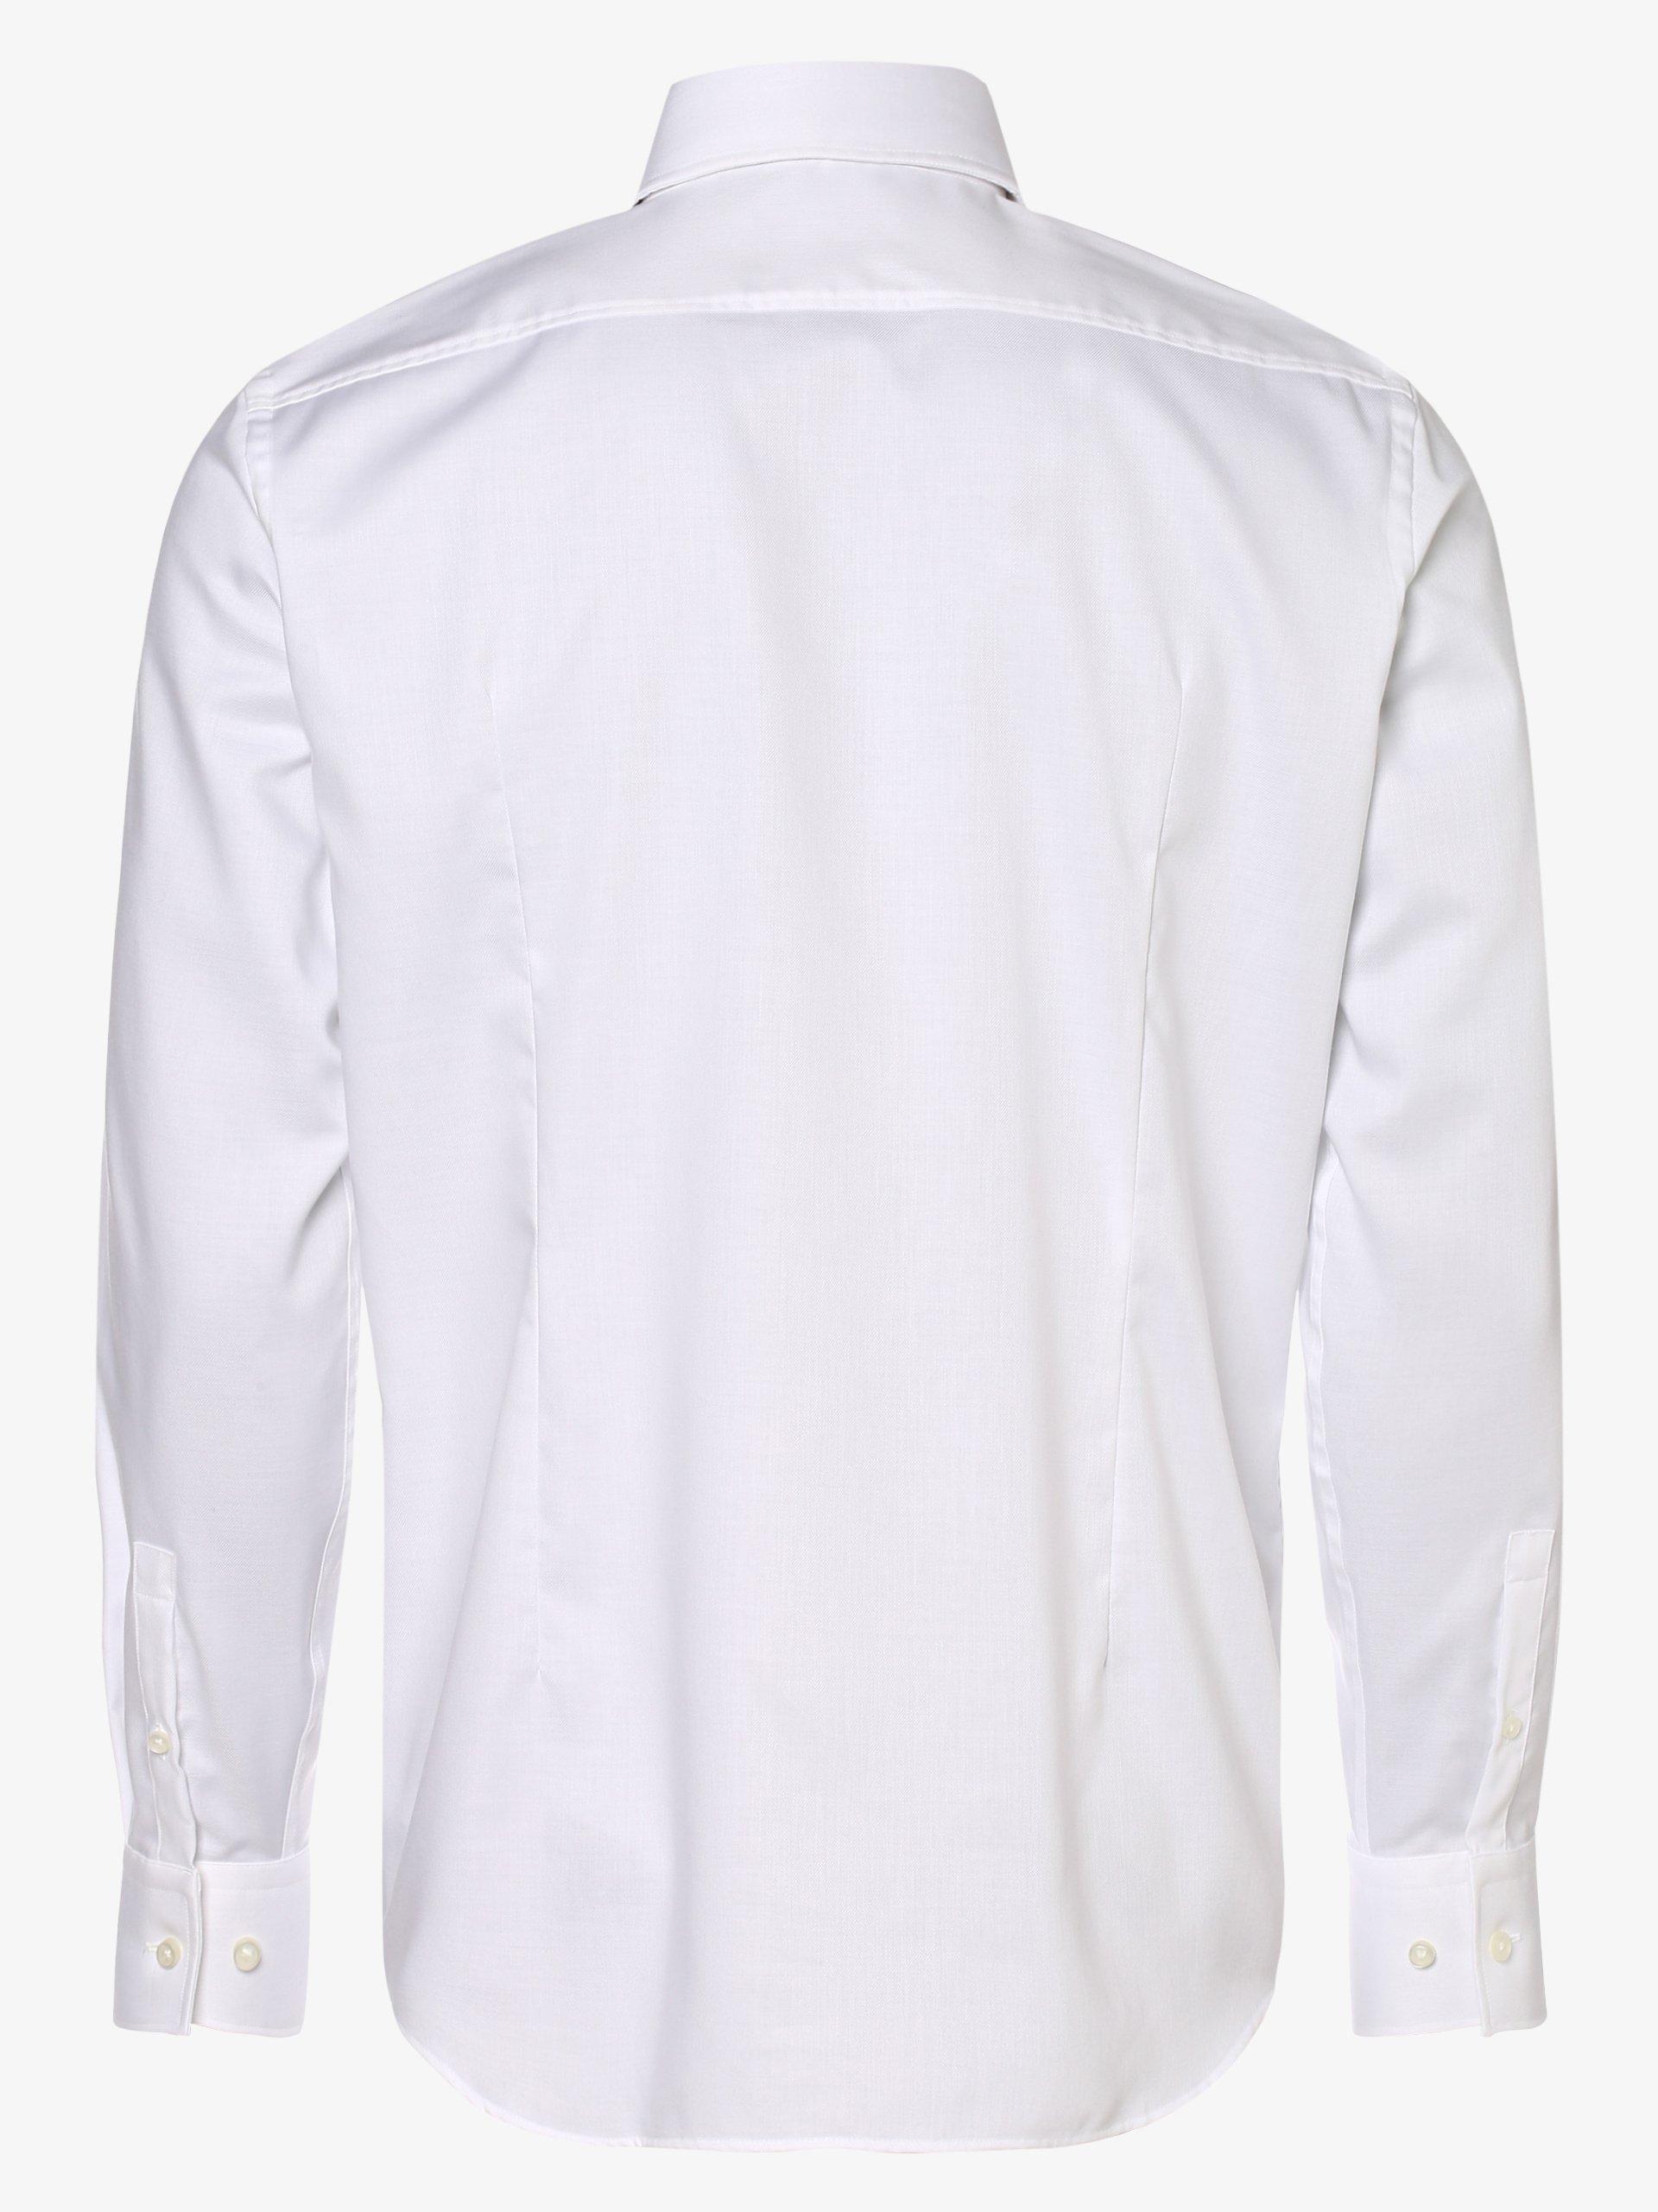 BOSS Herren Hemd - Bügelleicht - Jason